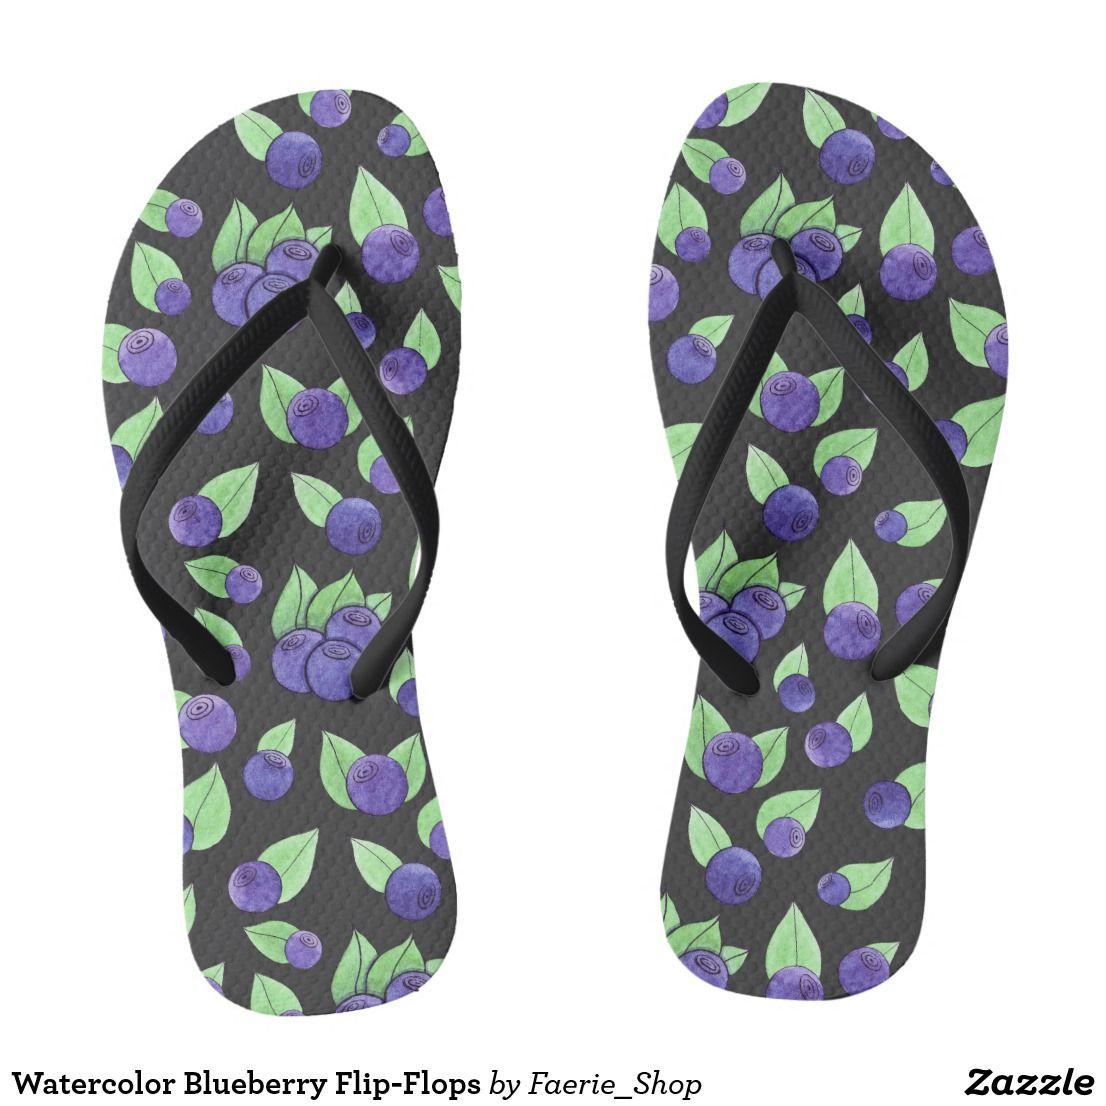 2b7684364c191f Watercolor Blueberry Flip-Flops Flip Flops  watercolor  blueberry  pattern   purple